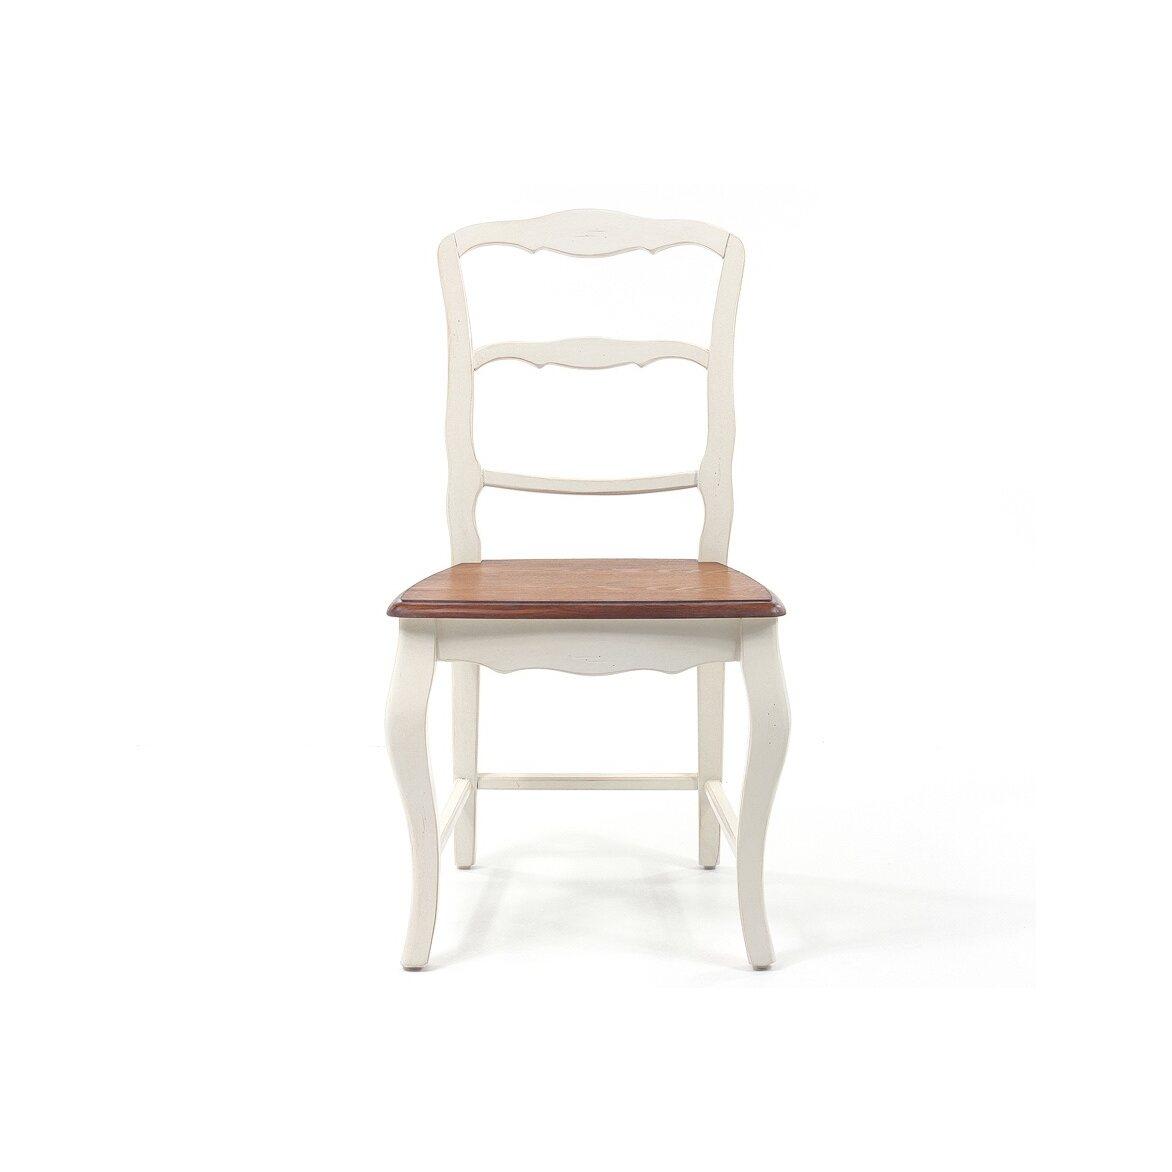 Стул с деревянным сиденьем Leontina, бежевого цвета   Обеденные стулья Kingsby